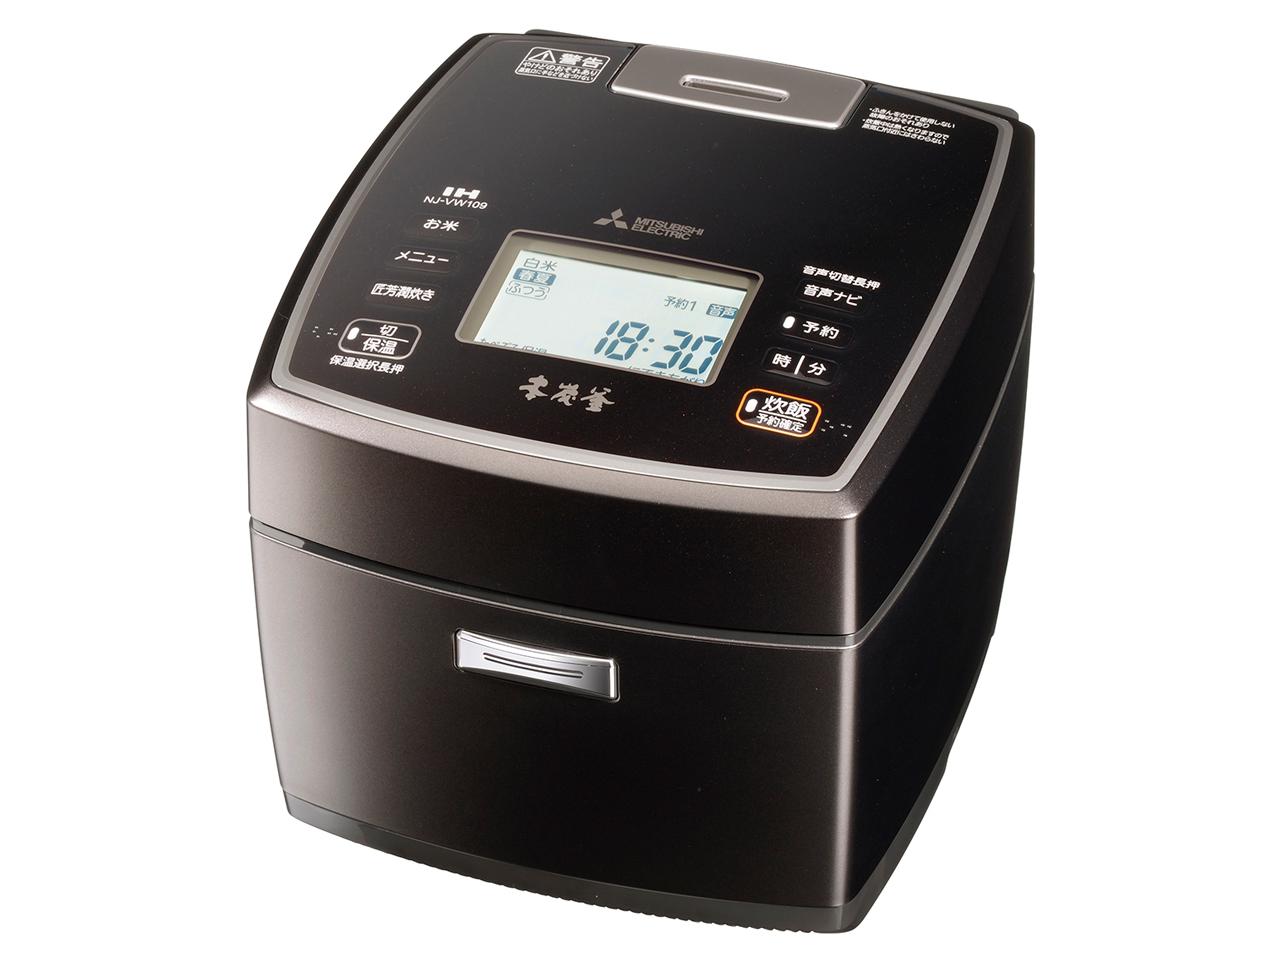 【お取り寄せ】三菱電機(Mitsubishi Electric)IHジャー炊飯器(5.5合炊き) 黒銀蒔 NJ-VW109-B